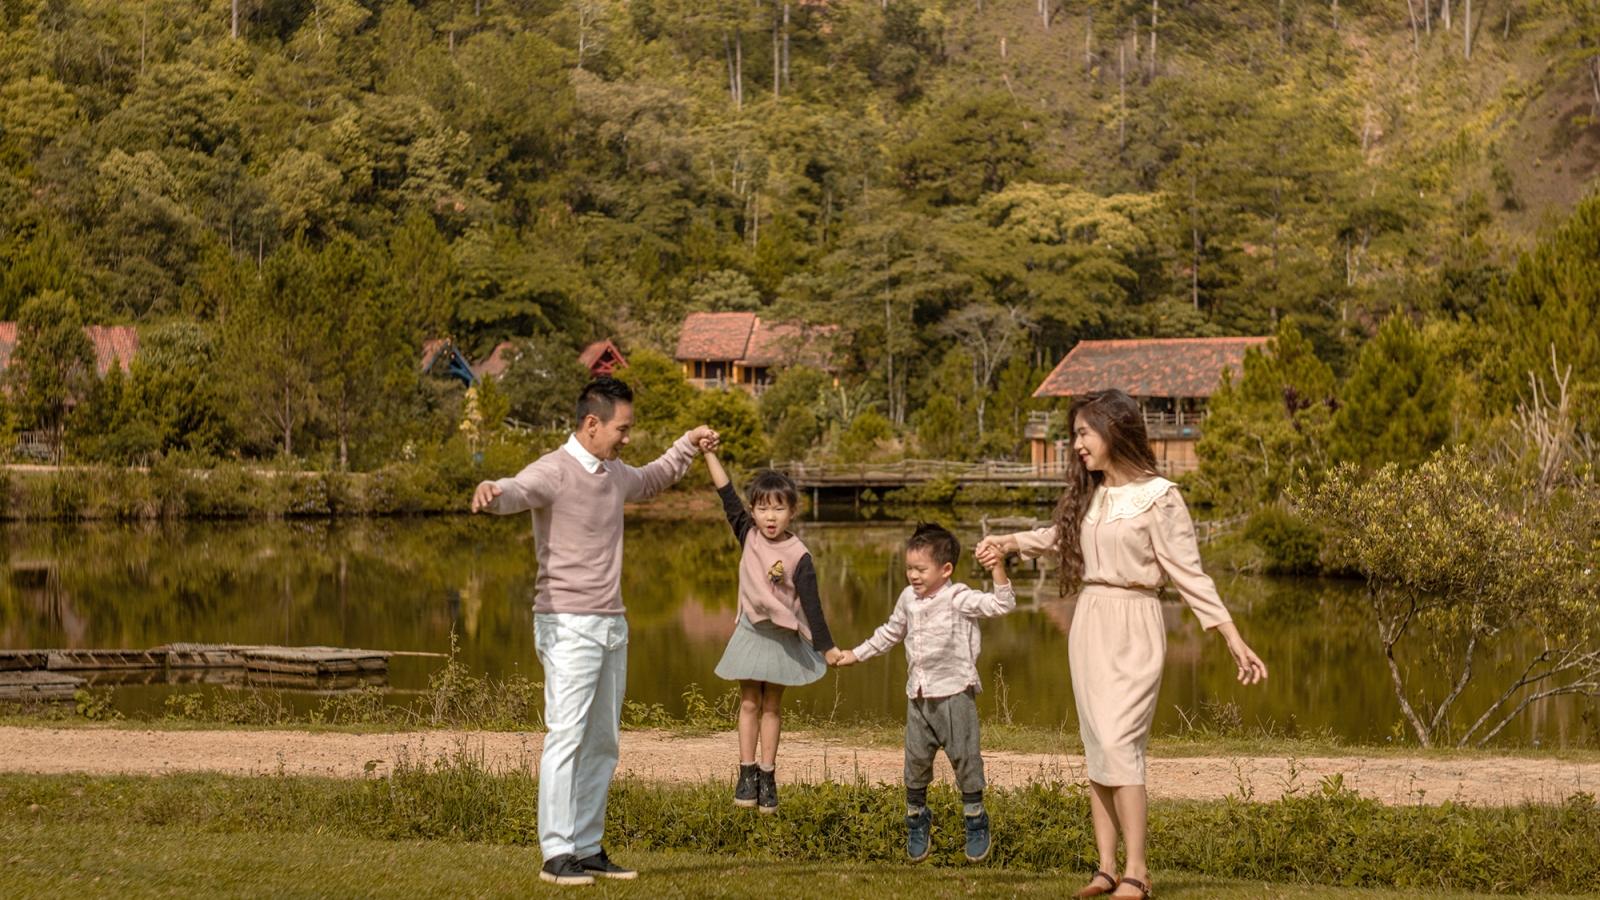 Lý Hải - Minh Hà khoe bộ ảnh kỷ niệm 10 năm ngày cưới ở Đà Lạt